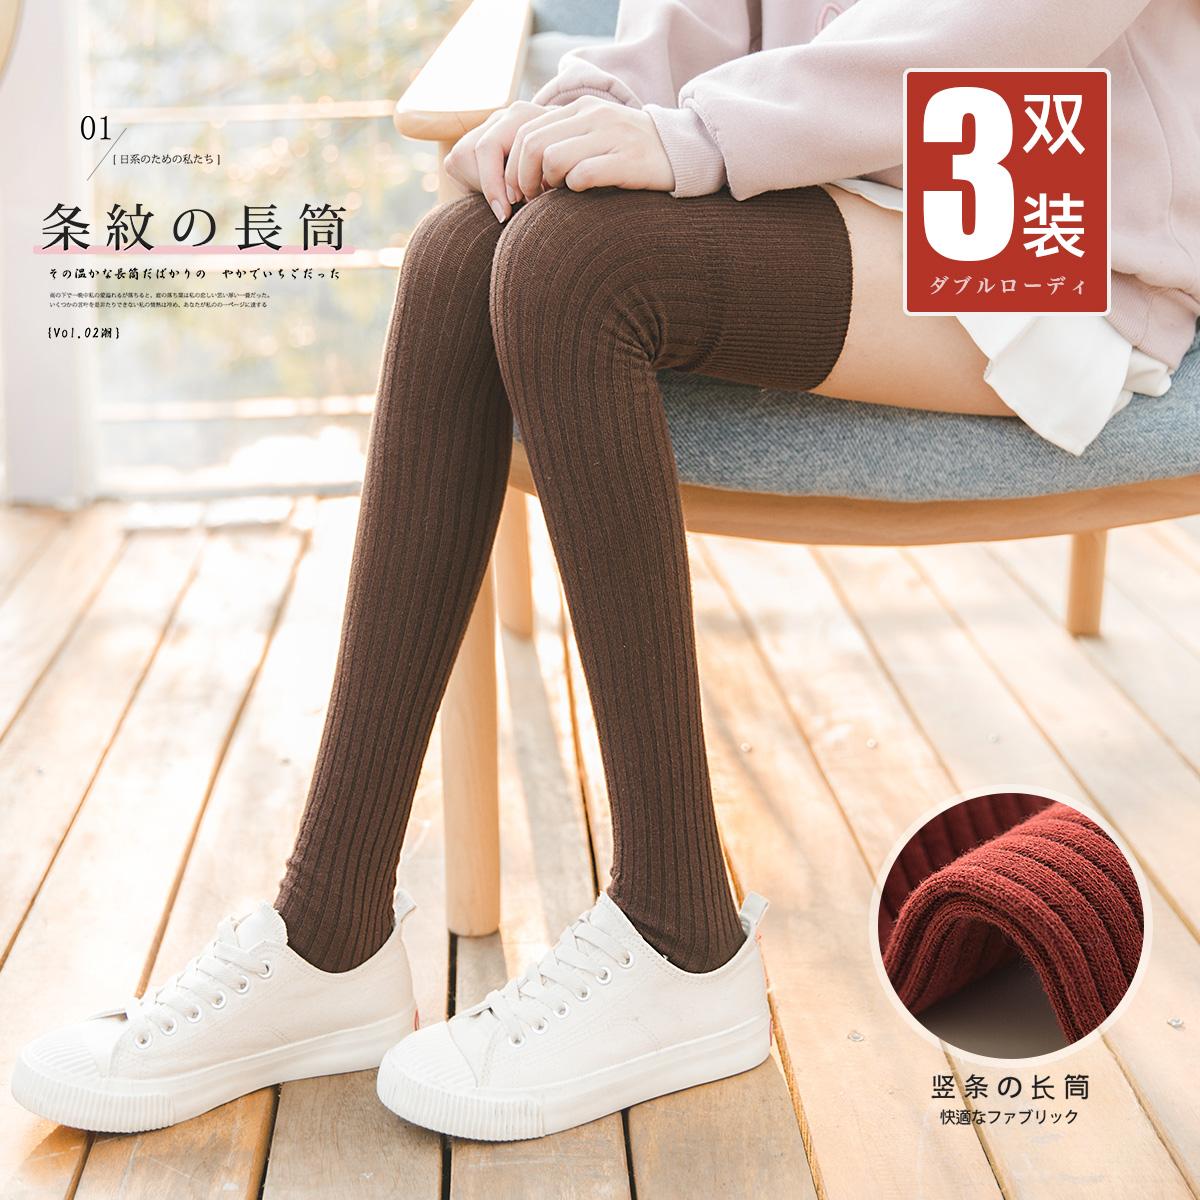 日系长筒袜子女过膝袜夏季薄款韩国高筒袜棉袜显瘦长袜韩版学院风